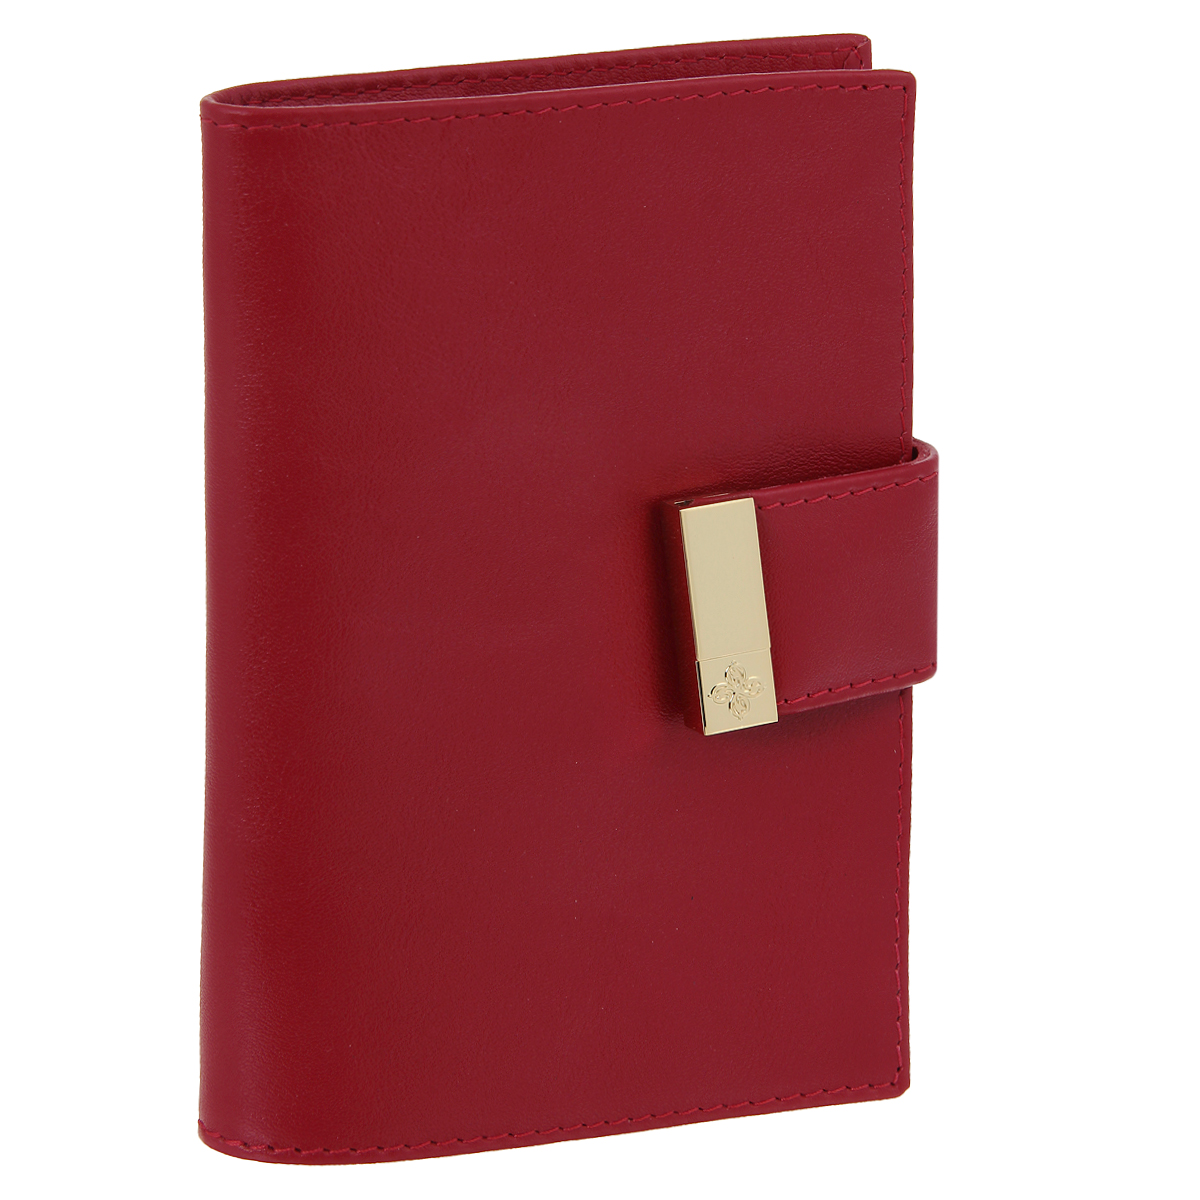 Обложка для паспорта Dimanche Elite, цвет: красный. 04023/0121/219Обложка для паспорта Dimanche Elite выполнена из натуральной высококачественной матовой кожи и закрывается хлястиком на застежку-кнопку. На внутреннем развороте два кармана из прозрачного пластика. Обложка упакована в фирменную картонную коробку. Такая обложка станет отличным подарком для человека, ценящего качественные и стильные вещи.